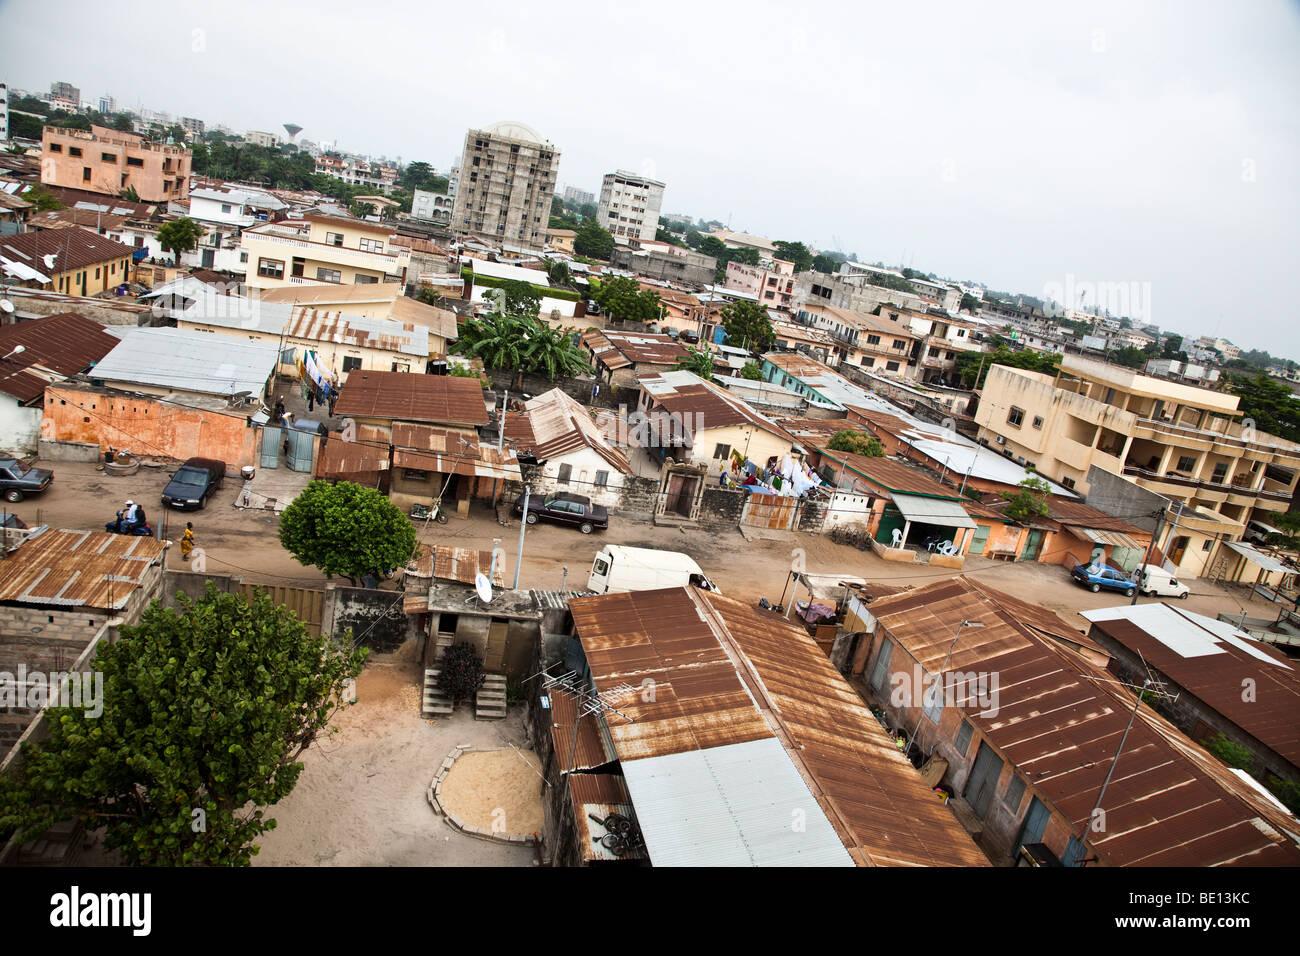 Benin City Stockfotos und -bilder Kaufen - Alamy